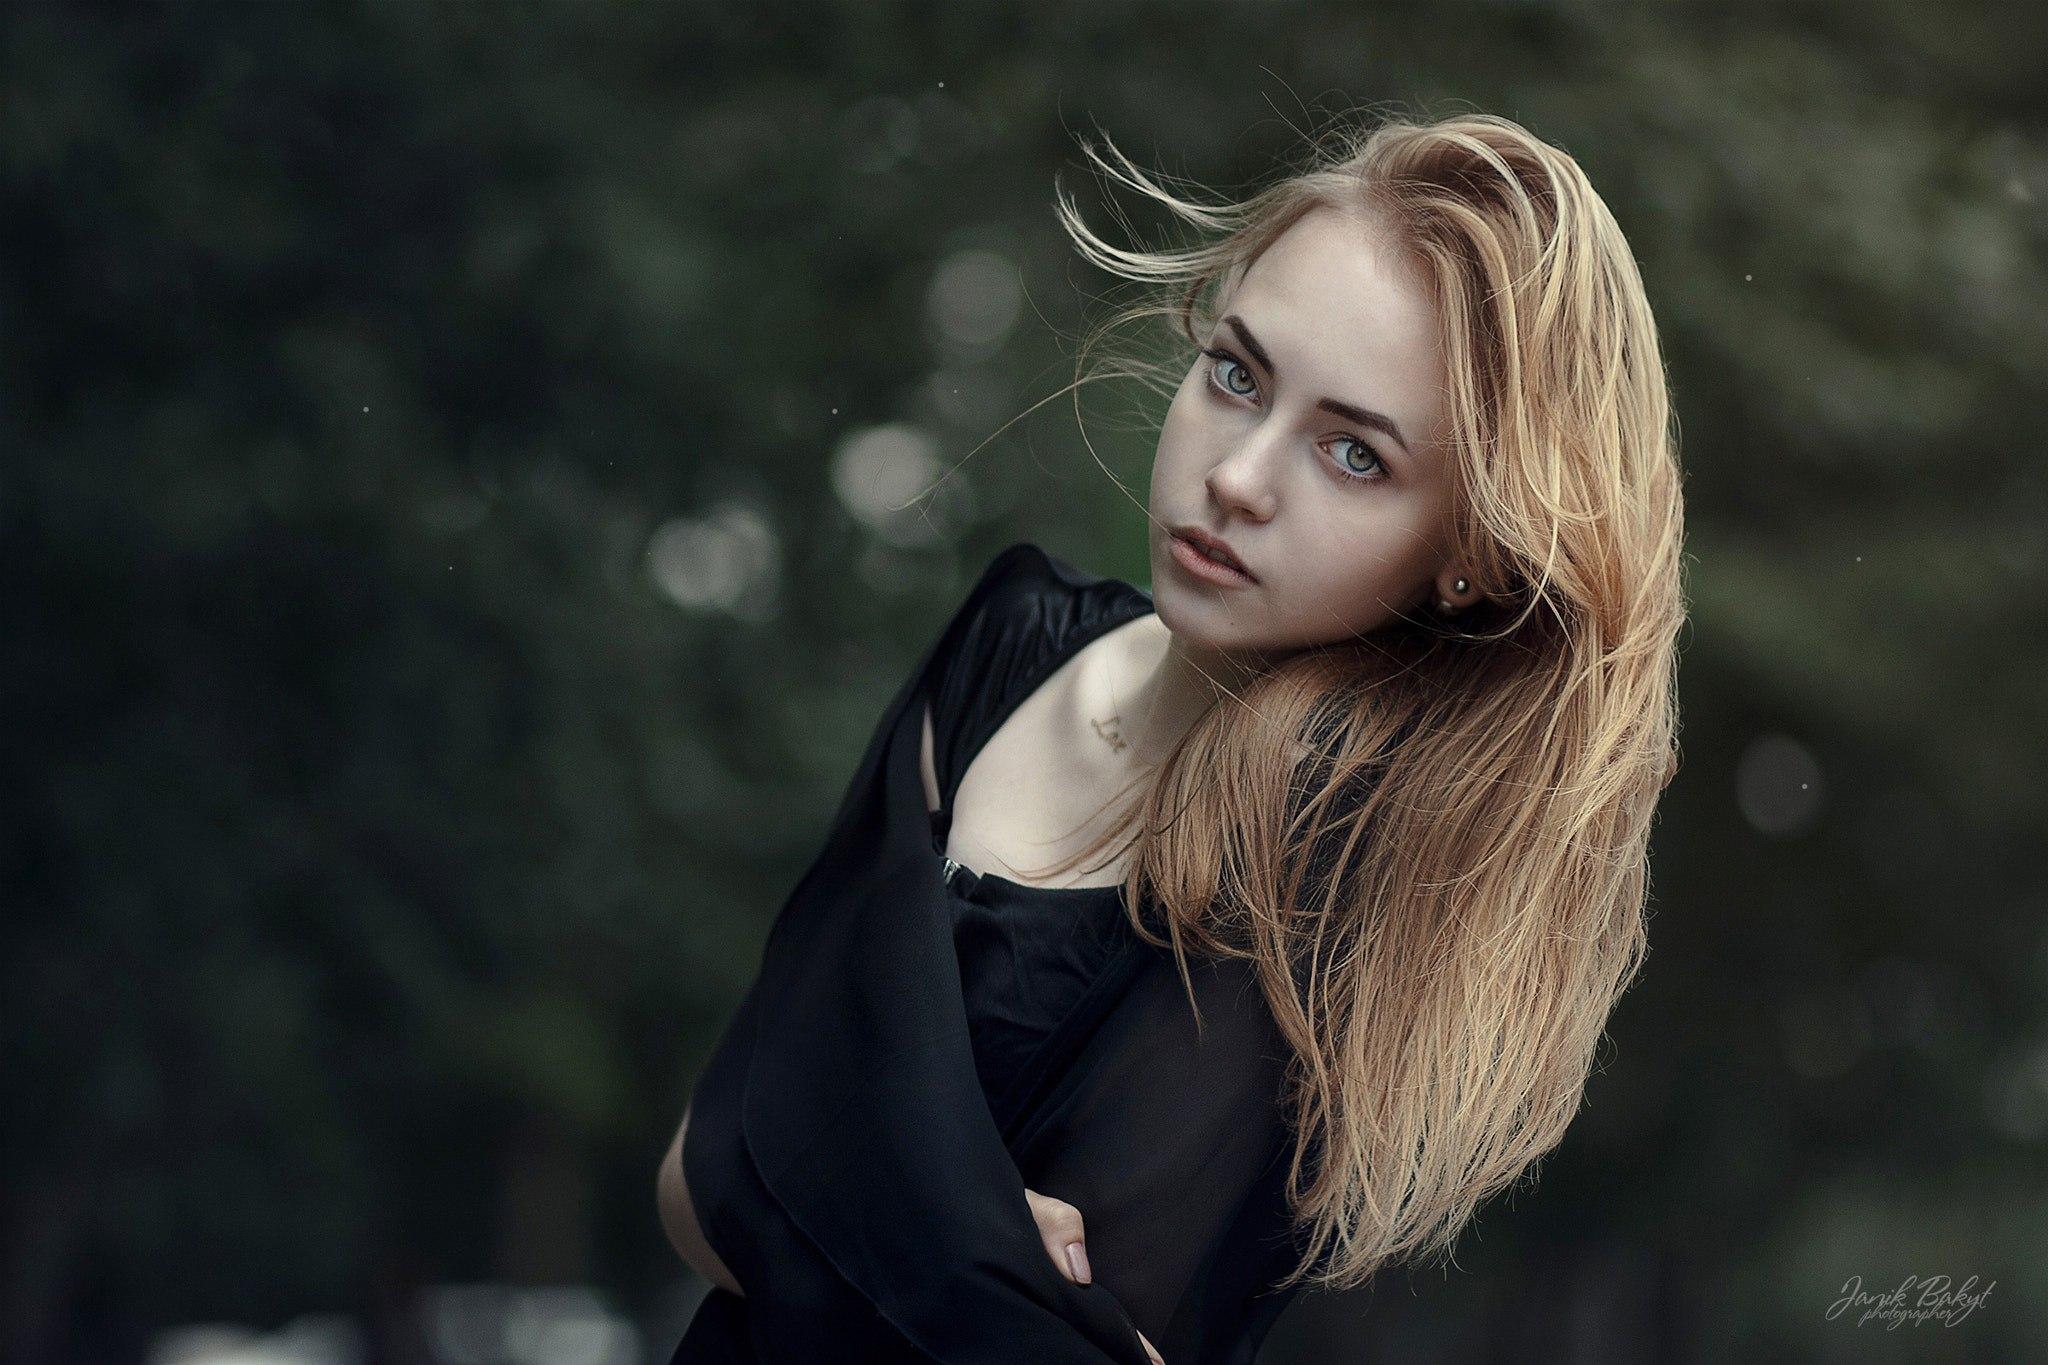 People 2048x1365 women blonde face black clothing portrait women outdoors bokeh pale green eyes Janik Bakyt